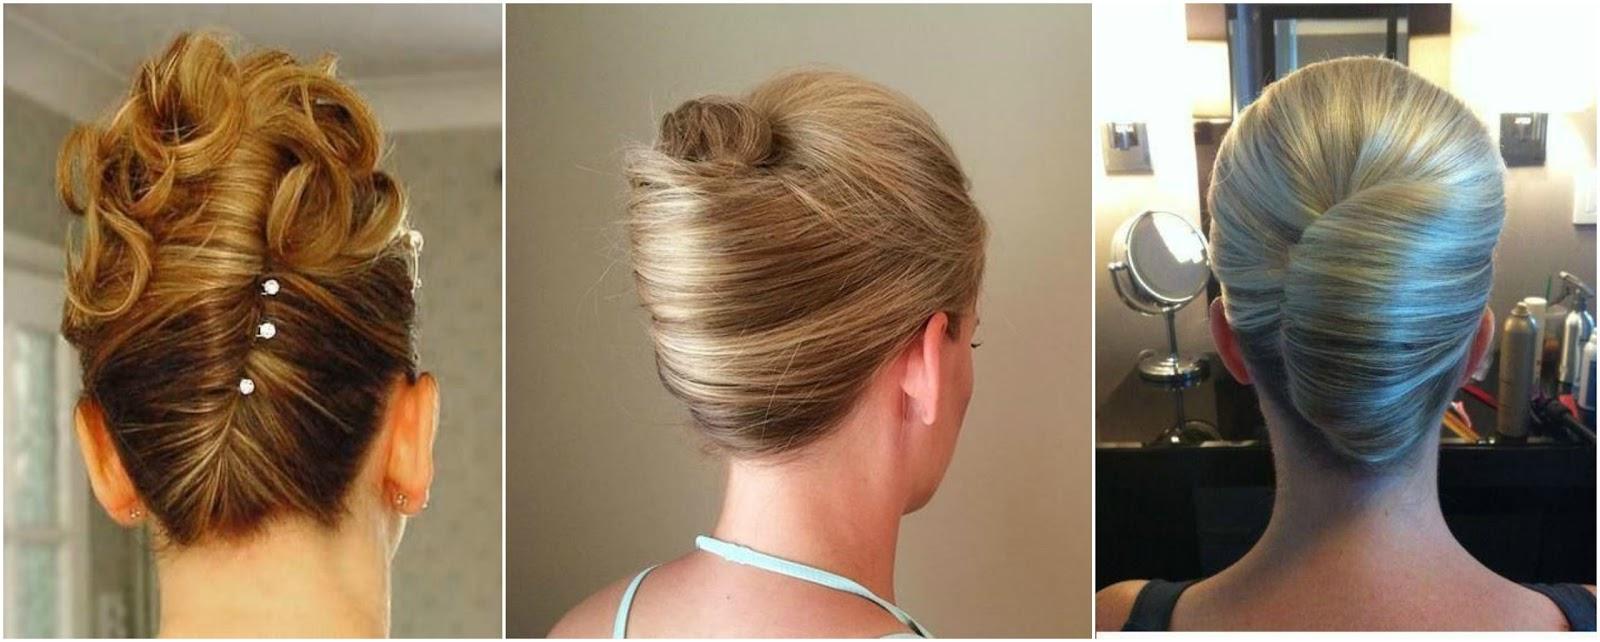 Peinado elegante f cil de hacer en casa paso a paso - Peinados de moda faciles de hacer en casa ...